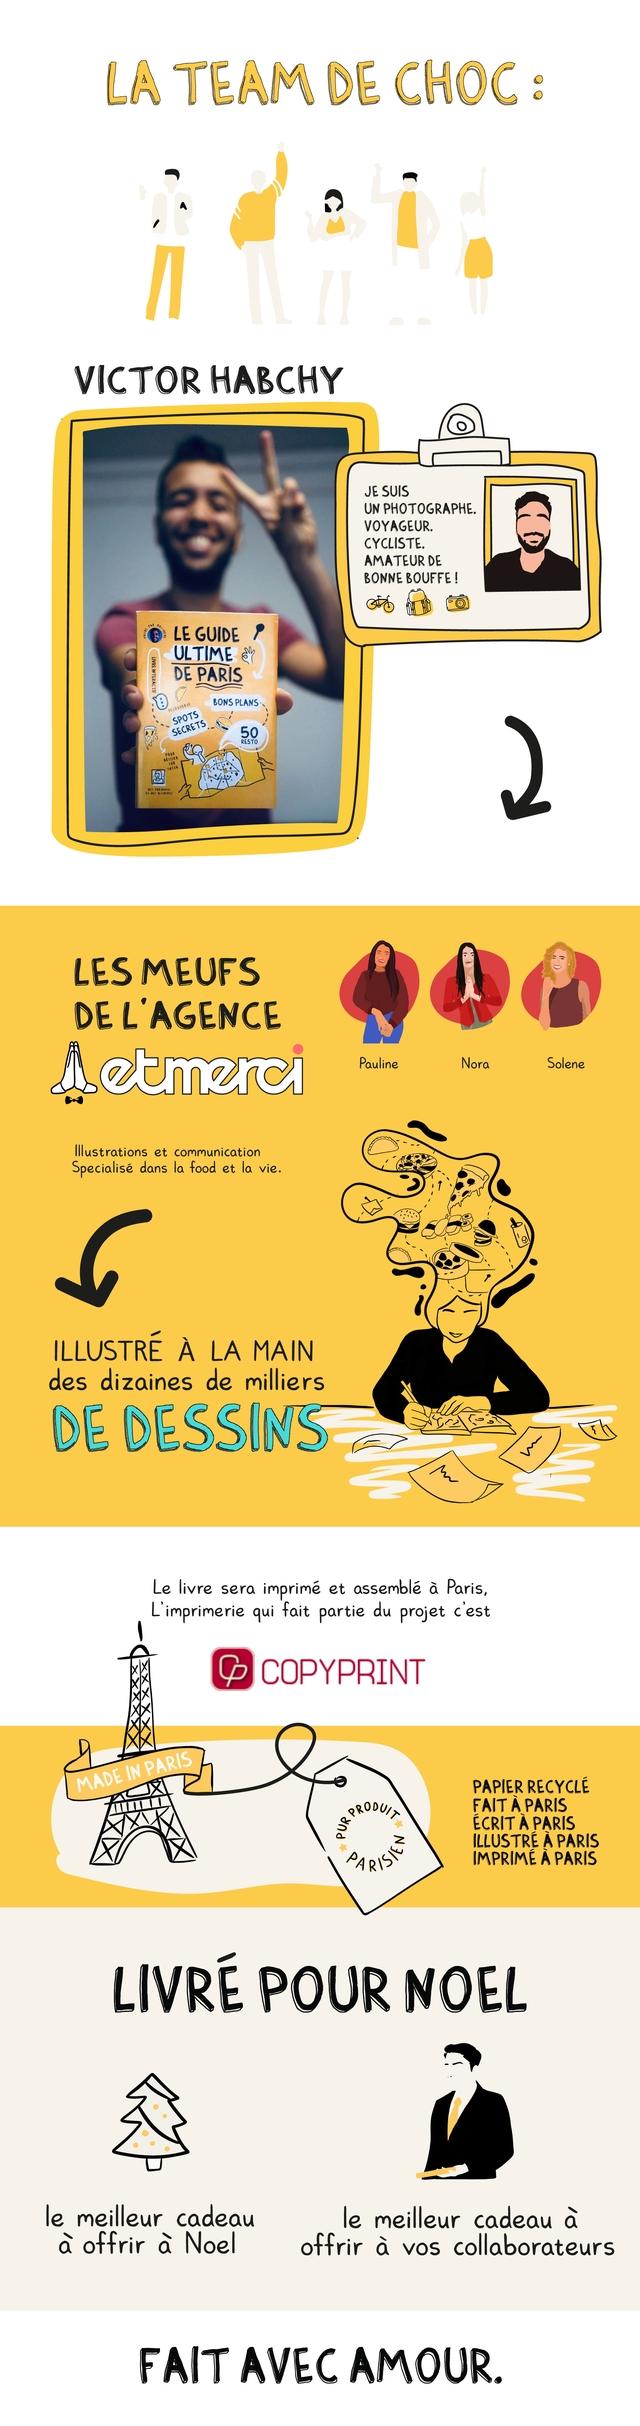 LA TEAM DE CHOC VICTOR HABCHY JE SUIS UN PHOTOGRAPHE. VOYAGEUR. CYCLISTE. AMATEUR DE BONNE BOUFFE LE GUIDE ULTIME DE PARIS BONS PLANS 50 ) LES MEUFS DE L'AGENCE Pauline Nora Solene Illustrations et communication Specialise dans la food et la vie. ILLUSTRE A LA MAIN des dizaines de milliers DE DESSINS Le livre sera imprime et assemble a Paris, L'imprimerie qui fait partie du projet COPYPRINT PAPIER RECYCLE FAIT PARIS ECRIT A PARIS ILLUSTRE A PARIS IMPRIME A PARIS LIVRE POUR NOEL le meilleur cadeau le meilleur cadeau a offrir a Noel offrir VOS collaborateurs FAIT AVEC AMOUR.